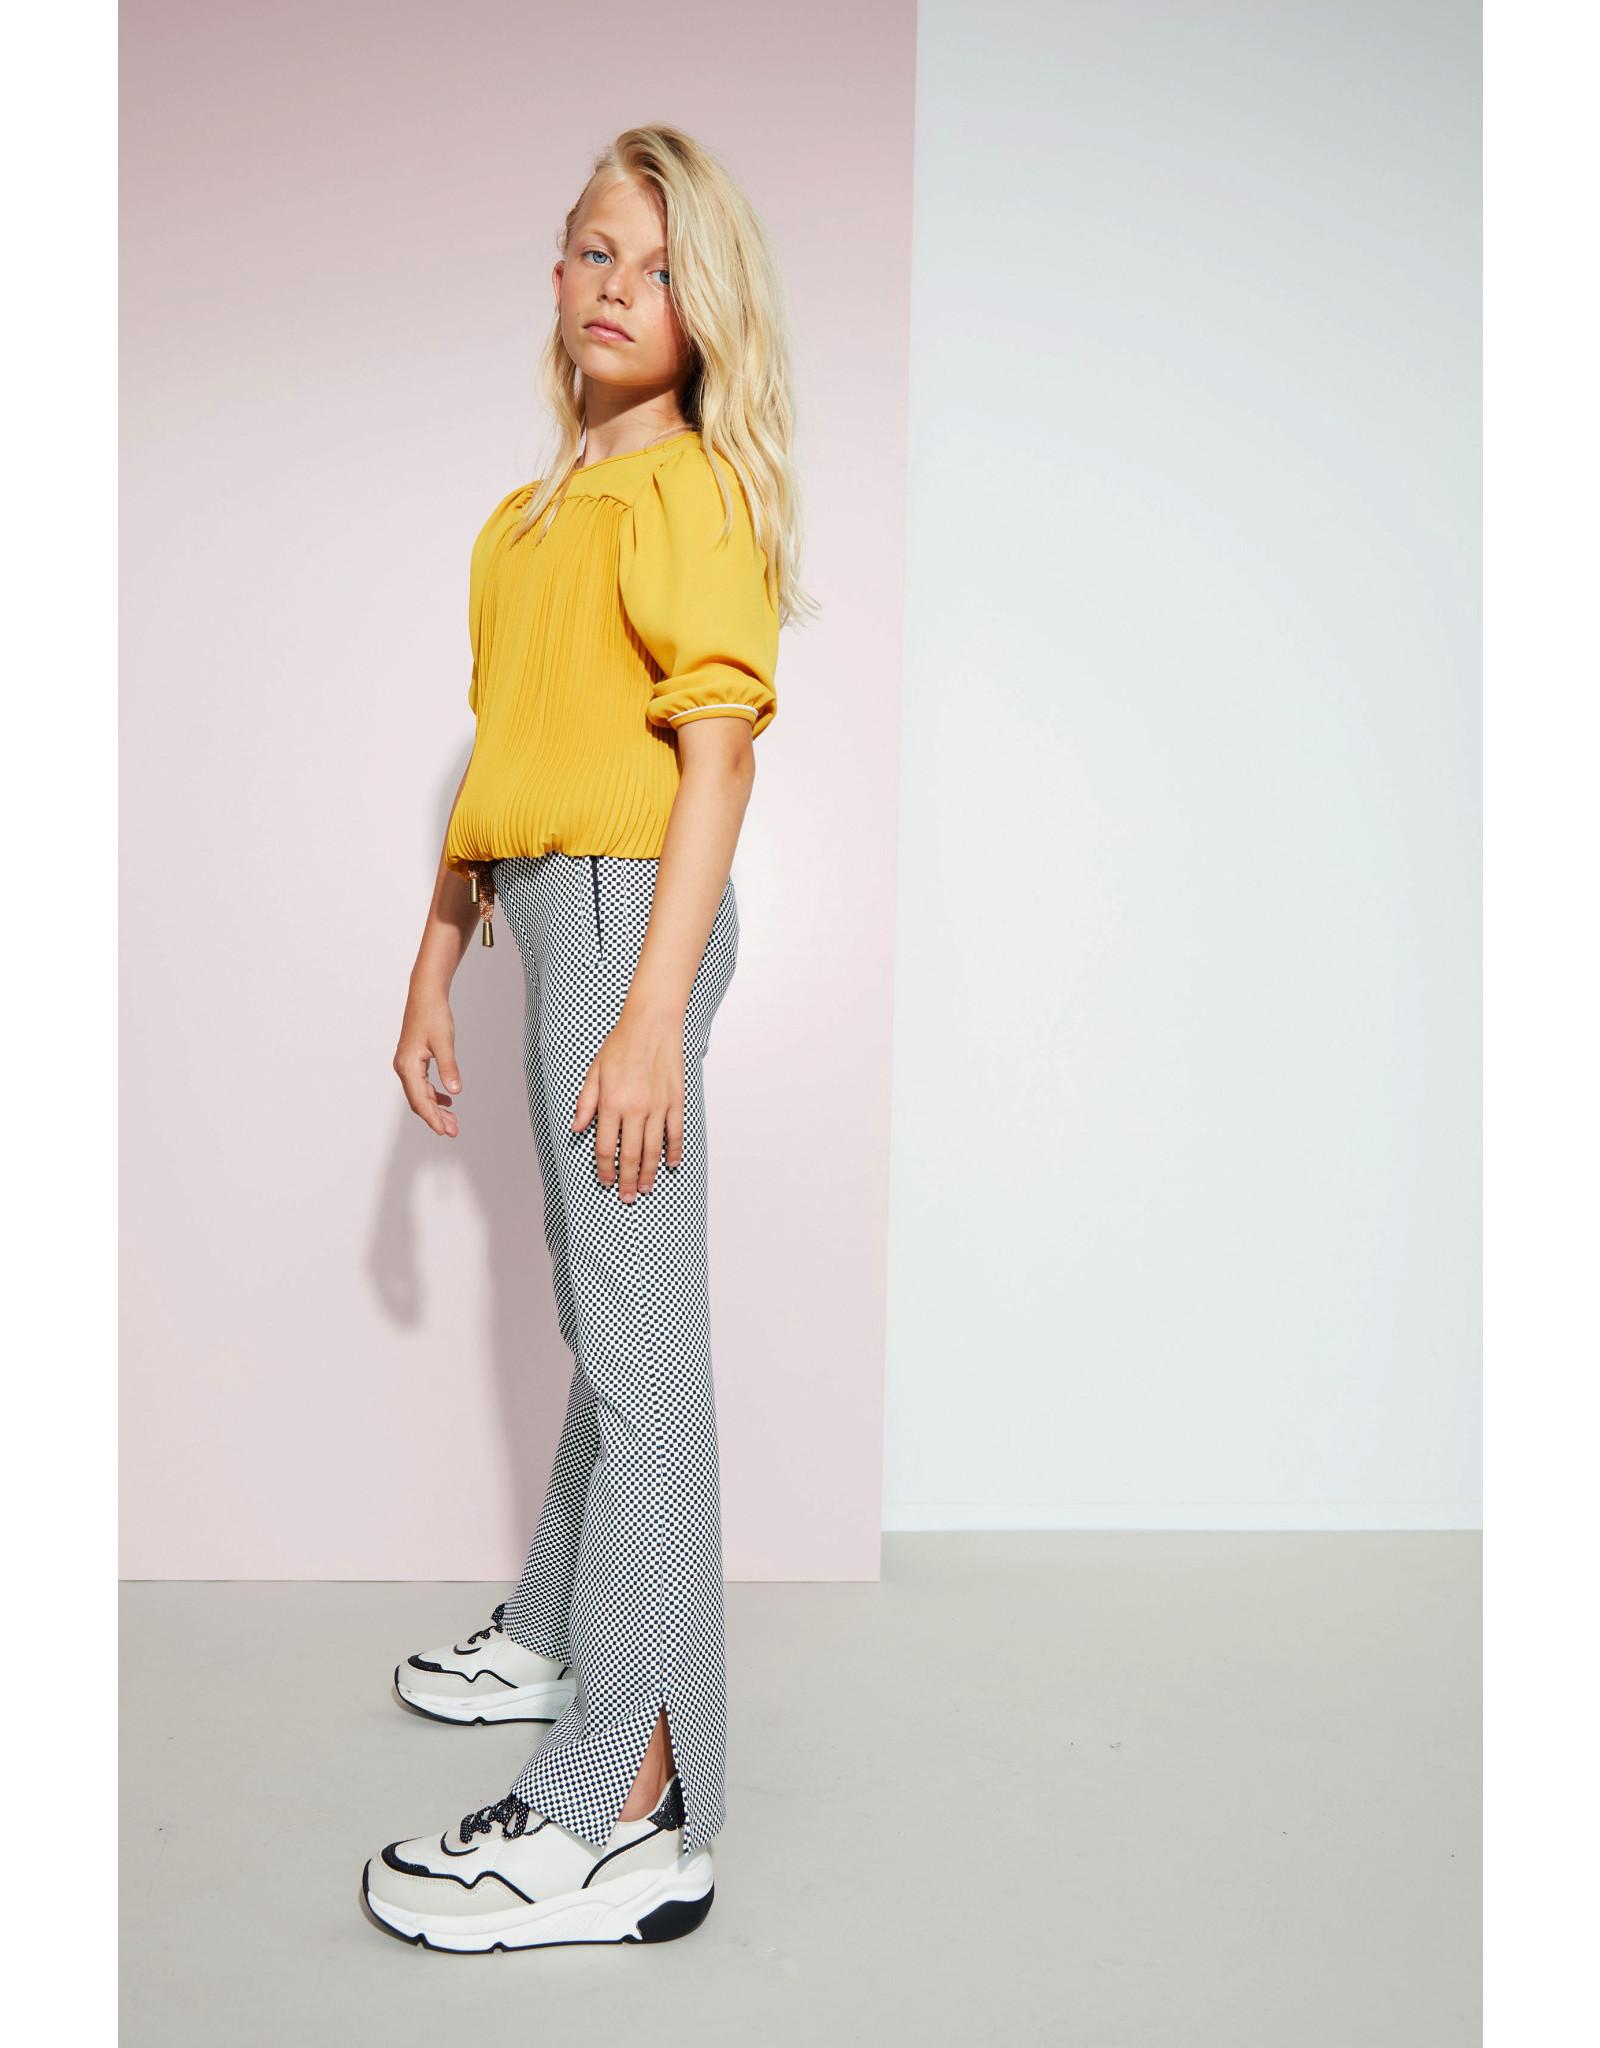 NoBell NoBell meiden oversized plisse blouse Timmy Safari Gold